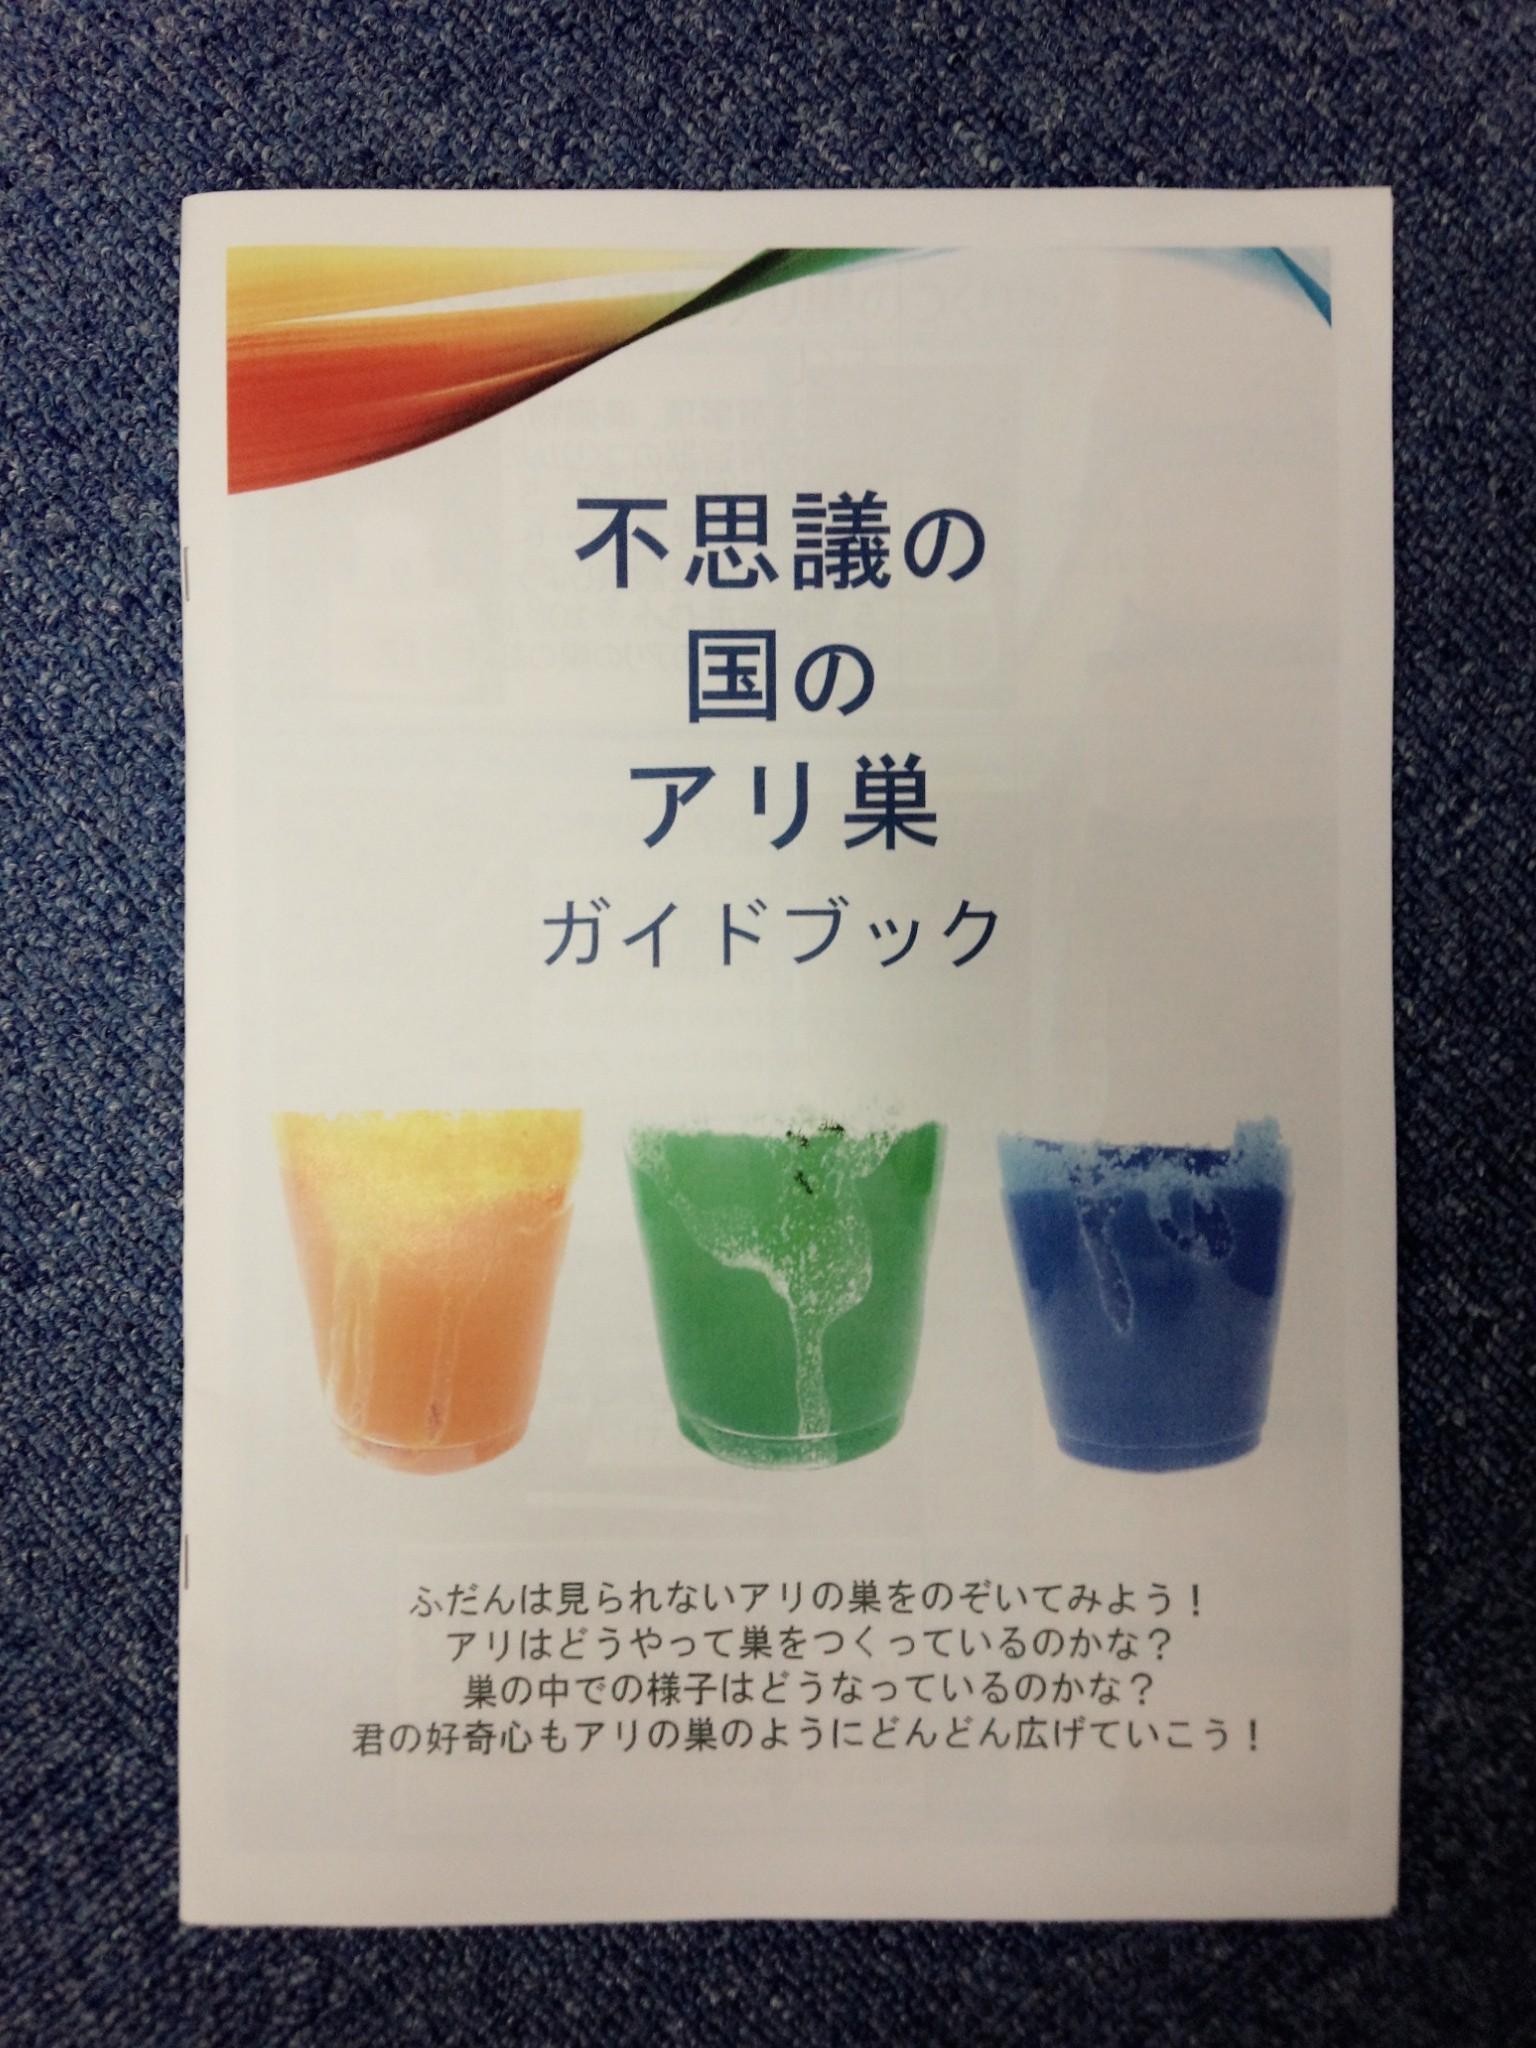 2017_生物教材ワーク開発部_09